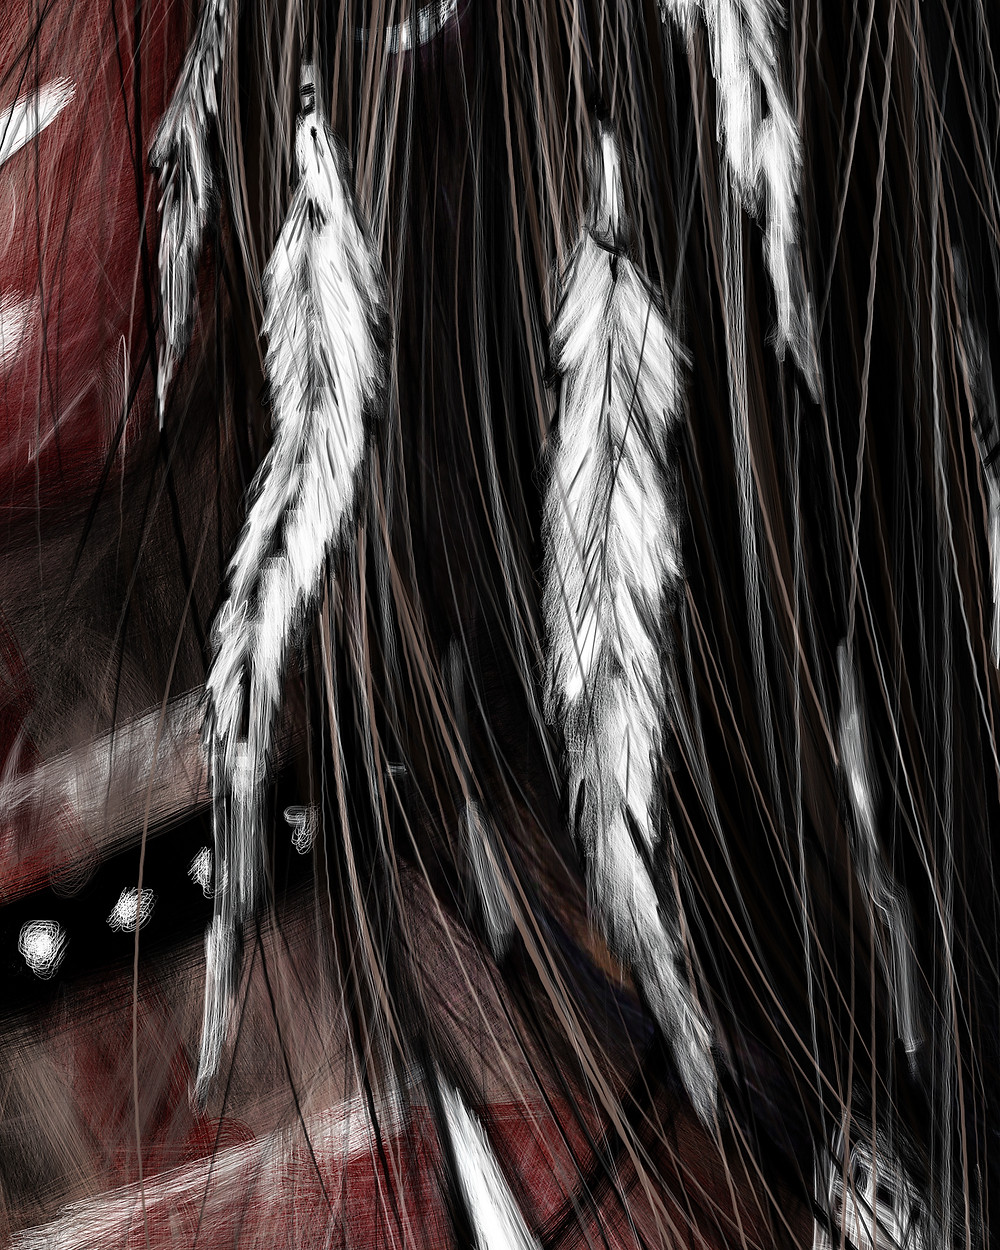 Teal Hair Detail